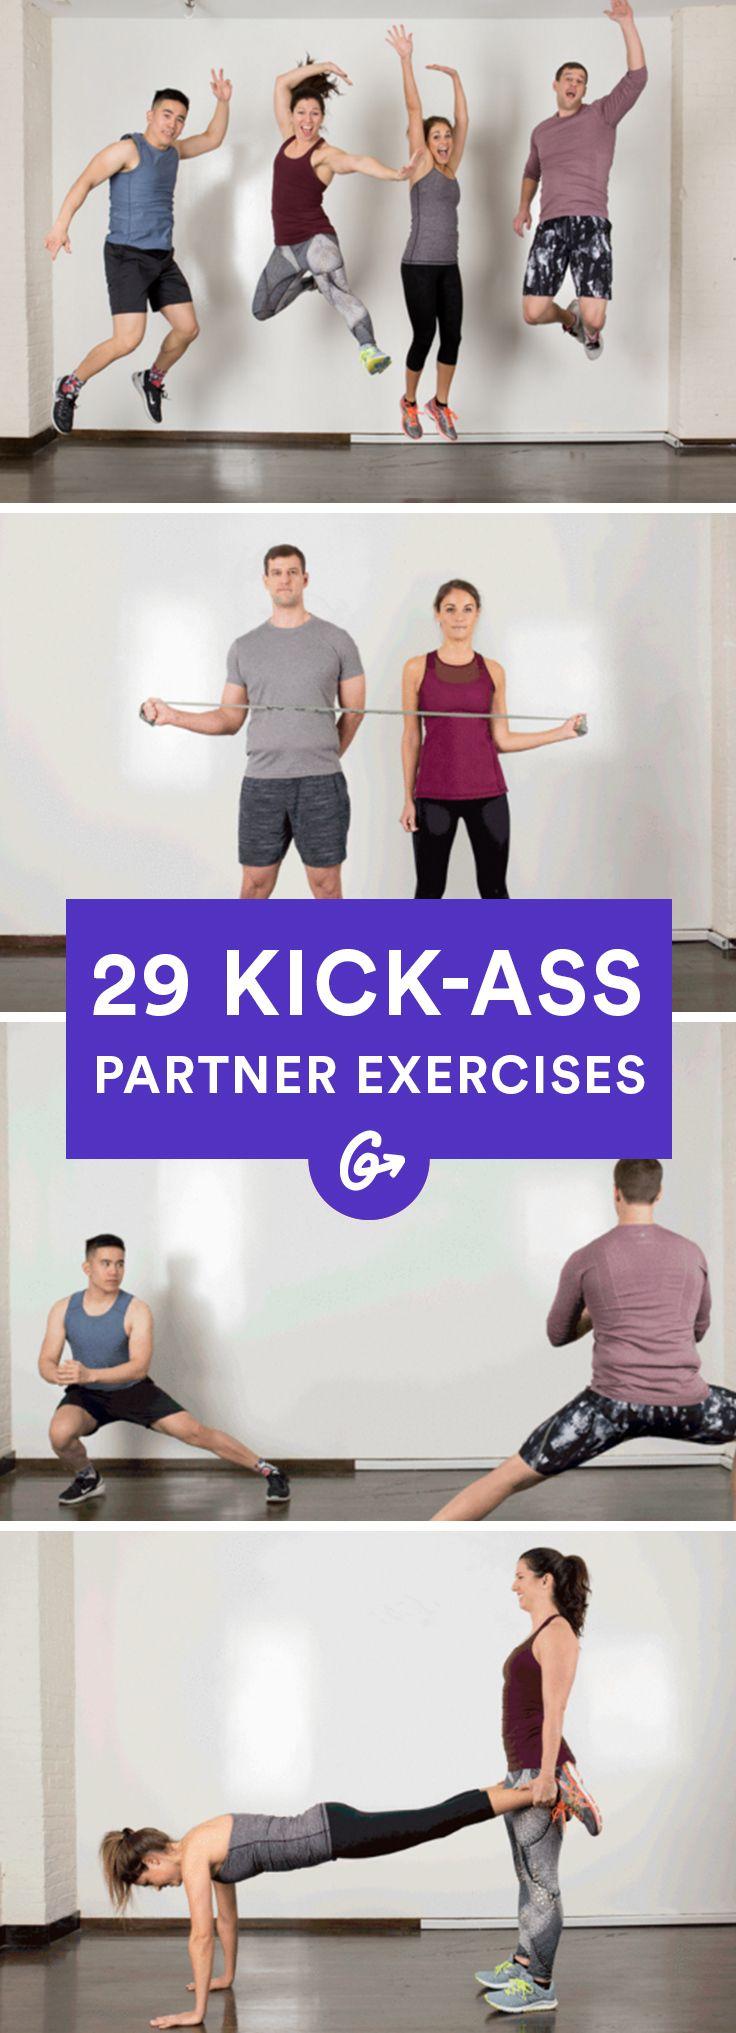 29 Kick-Ass Partner Exercises #workout #fitness http://greatist.com/fitness/35-kick-ass-partner-exercises